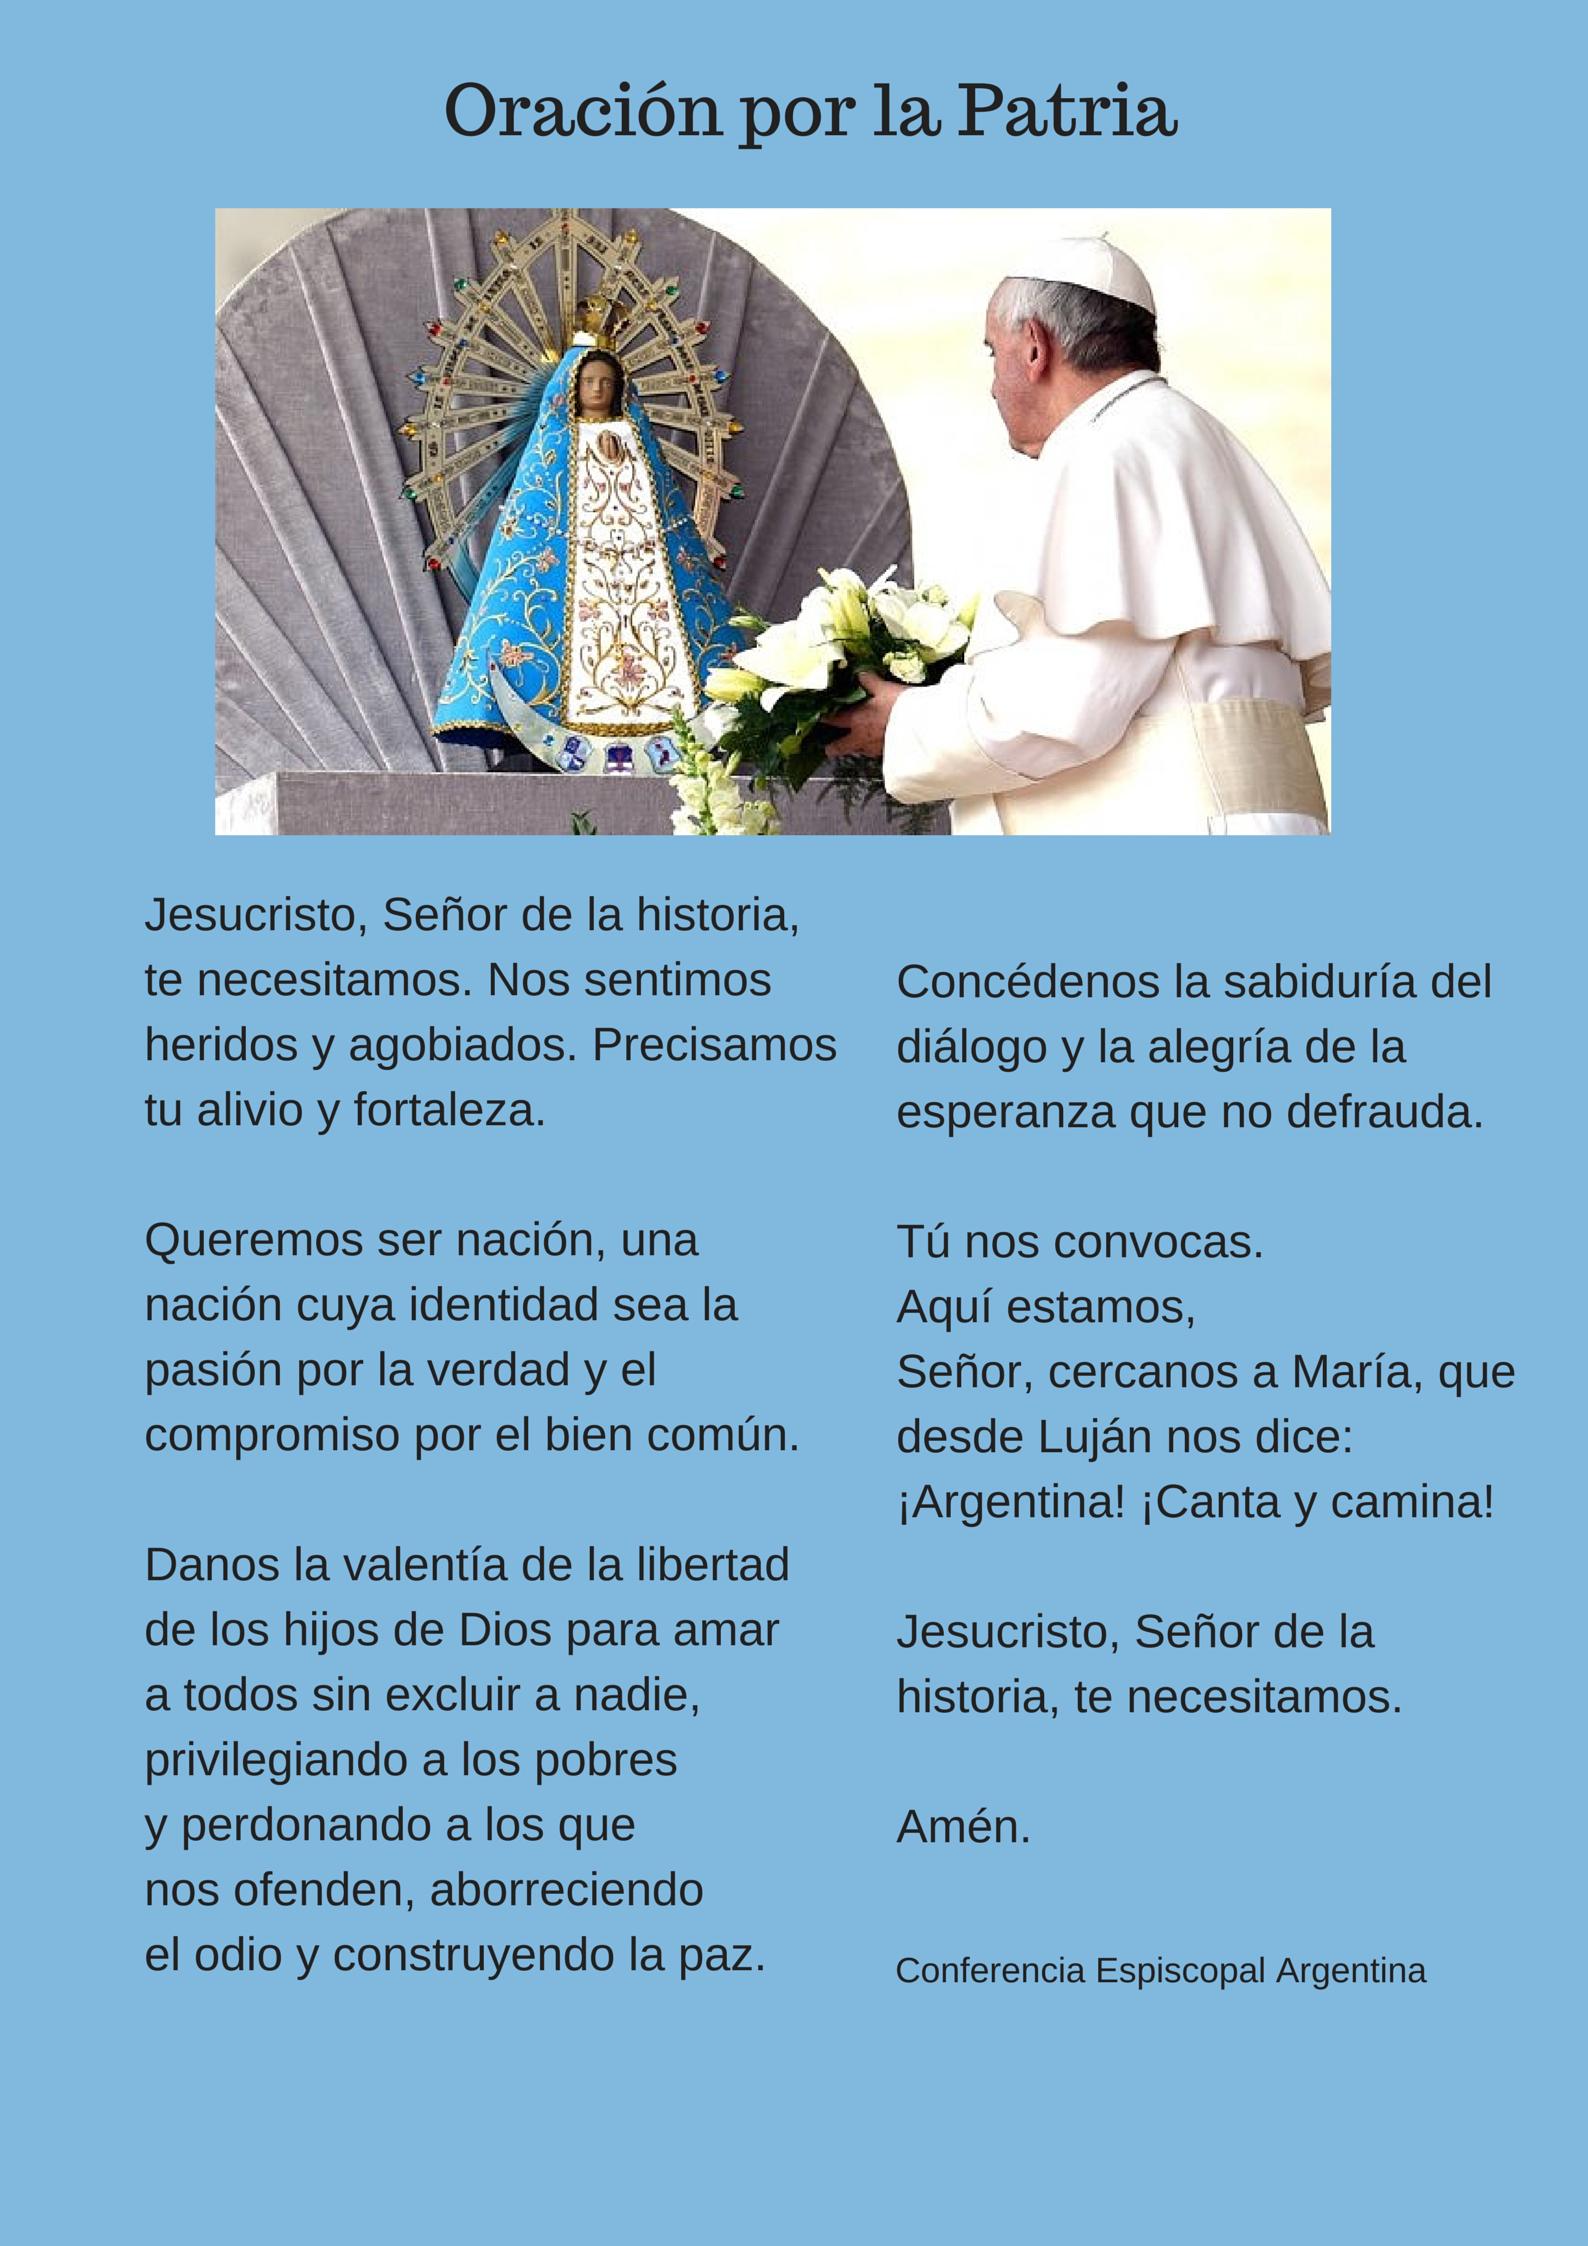 Oración por la Patria | Oraciones, Citas católicas, Estrategias de enseñanza